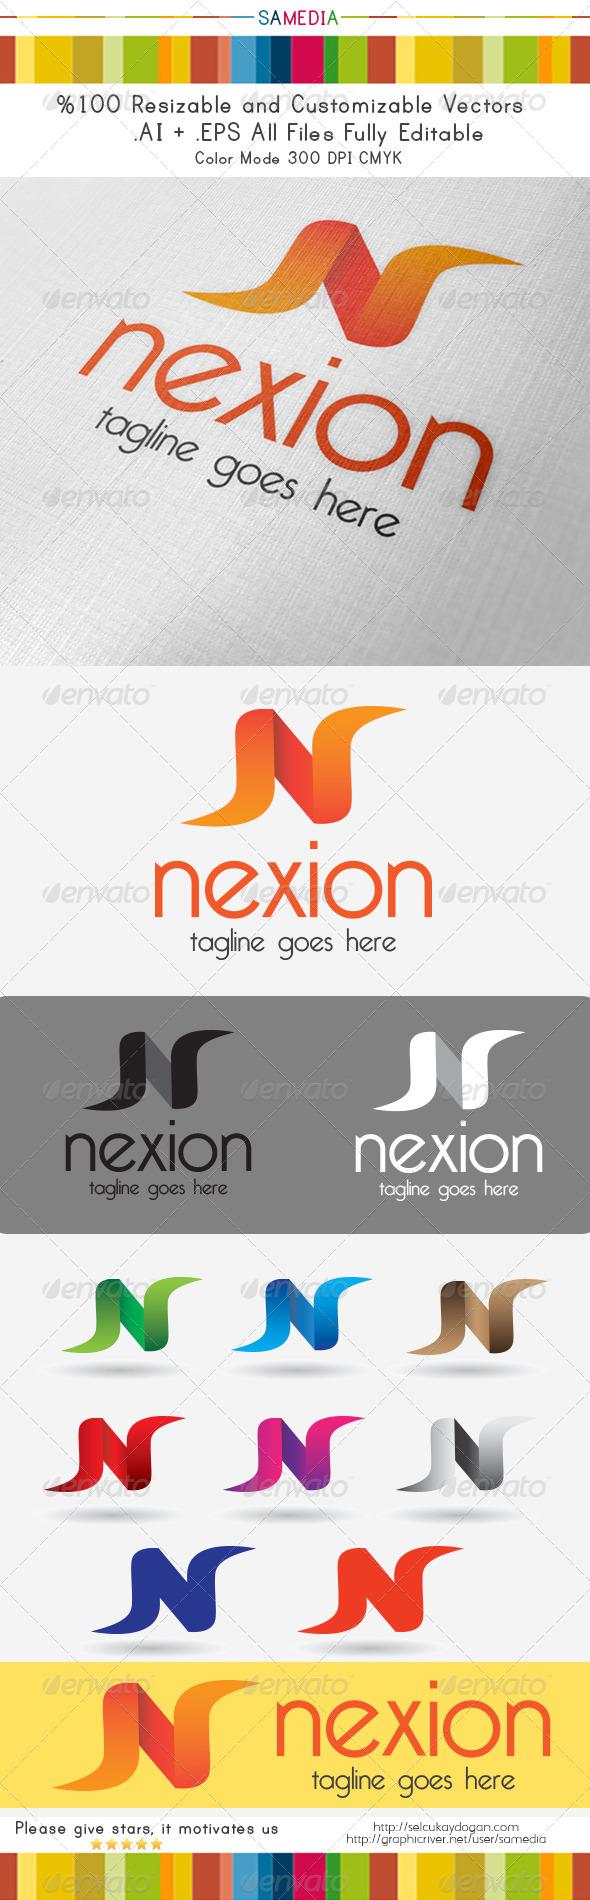 nexion-logo